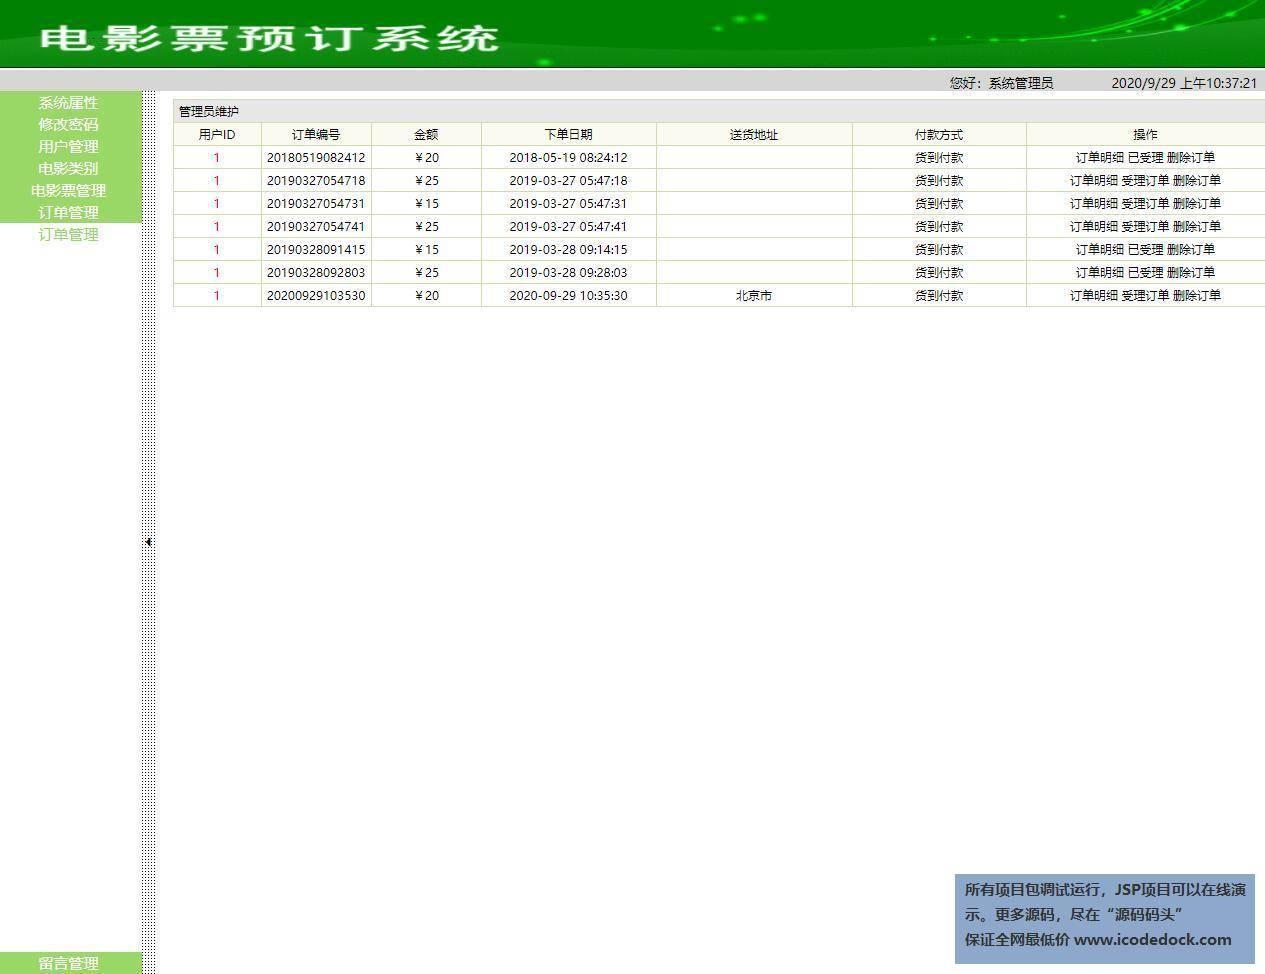 源码码头-SSH电影在线售票管理系统-管理员角色-订单管理